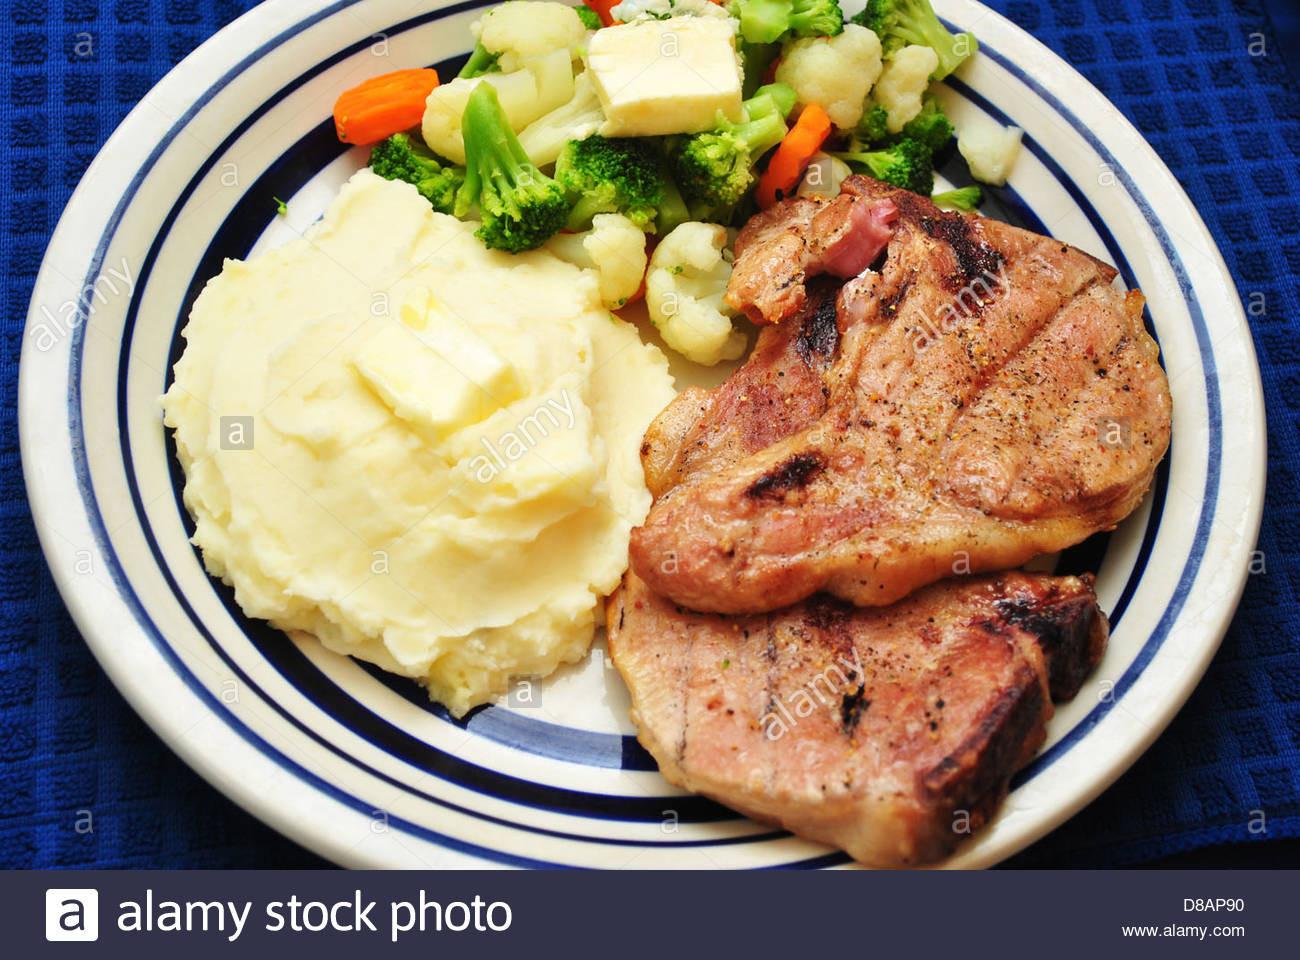 Healthy Sides For Pork Chops  sides for grilled steak dinner